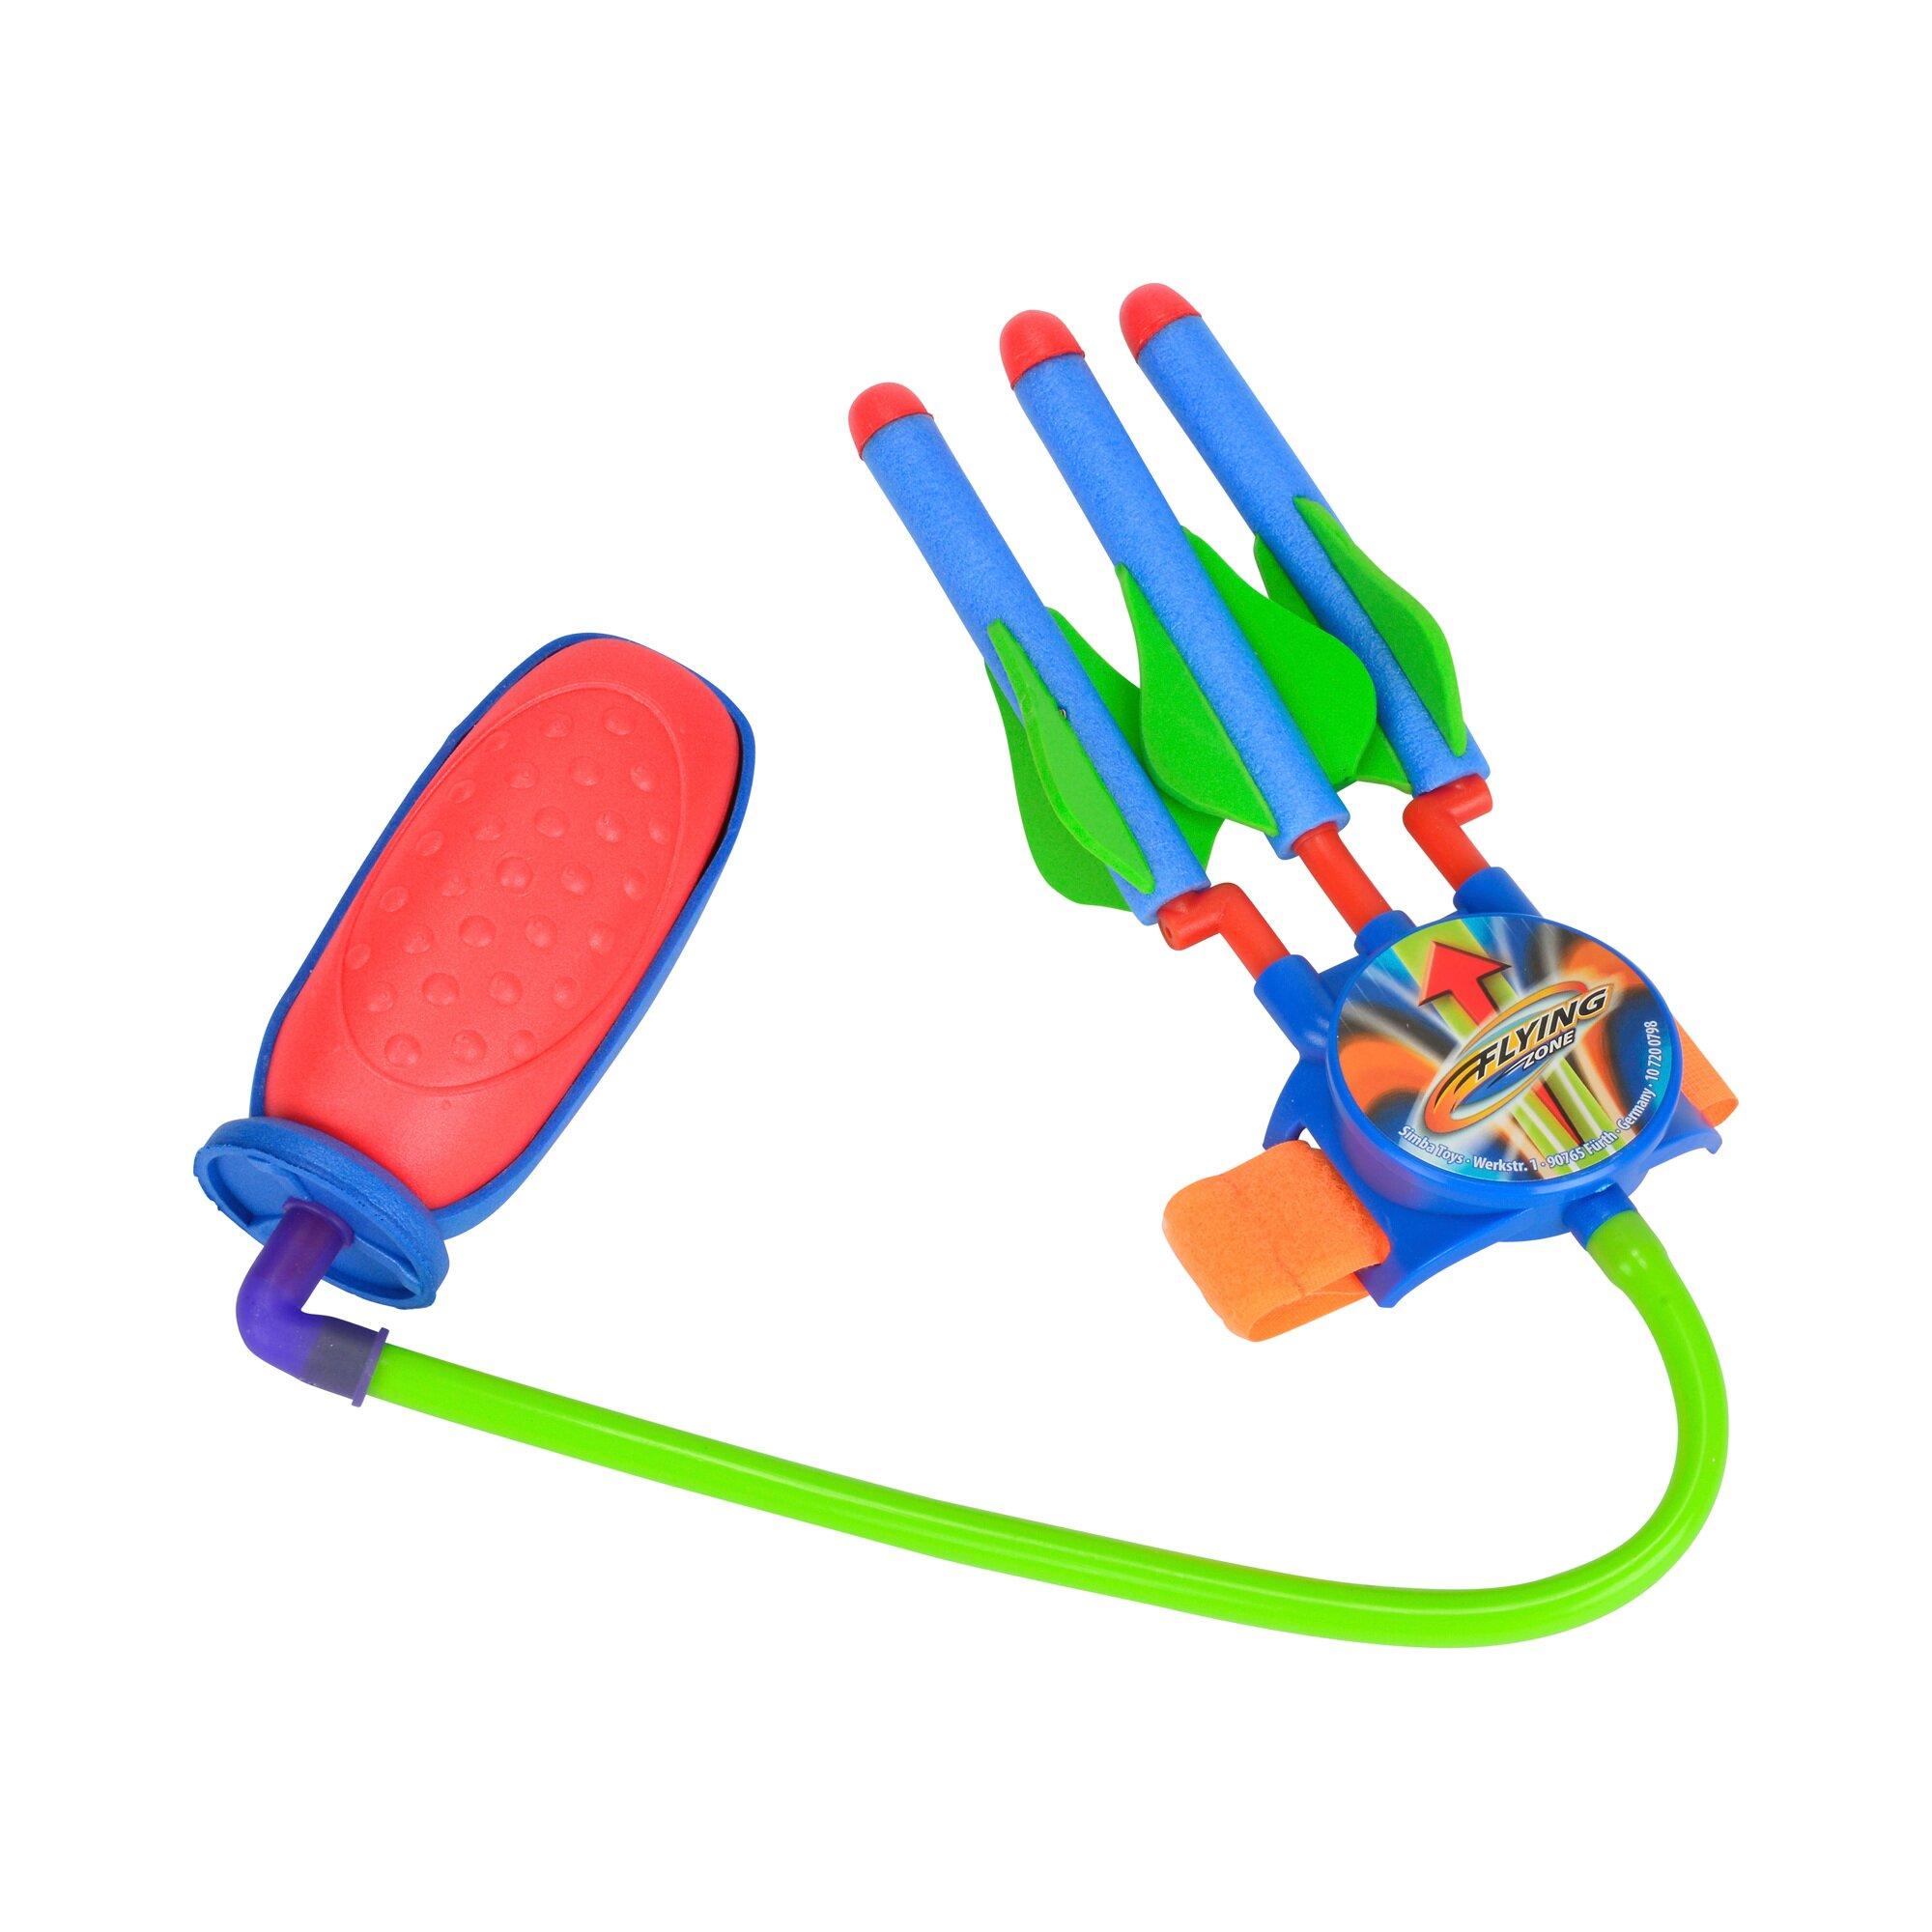 simba-hand-raketen-starter